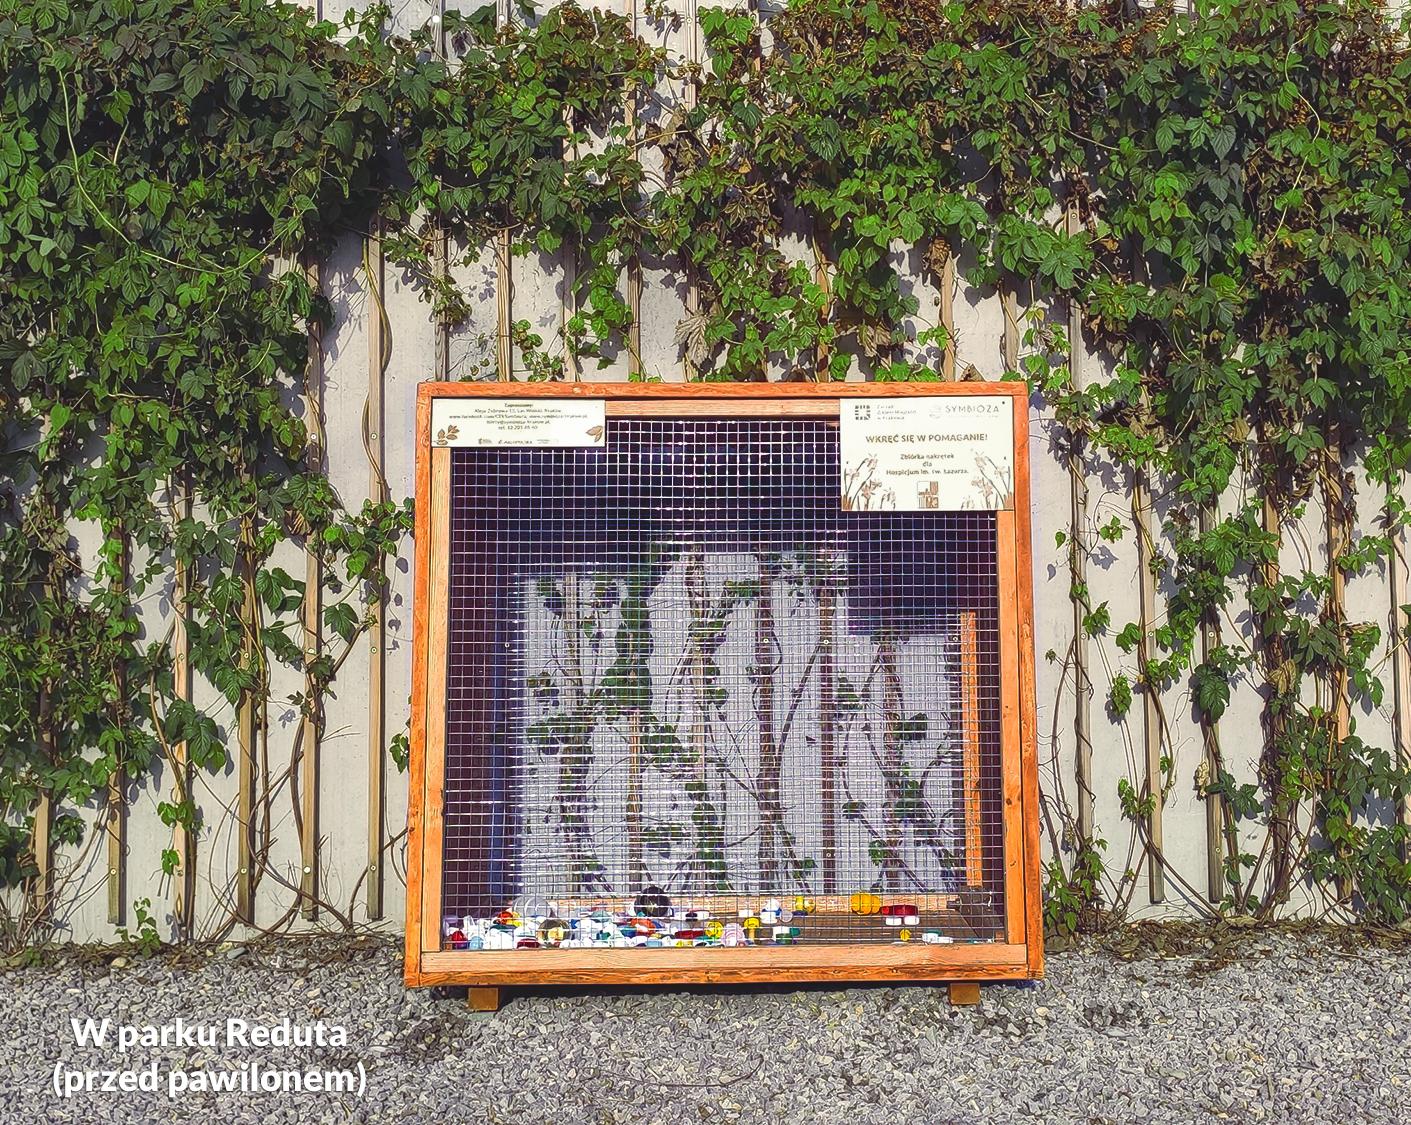 Zdjęcie przedstawiające drewnianą skrzynię na plastikowe nakrętki w parku Reduta - akcja charytatywna CEE Symbioza